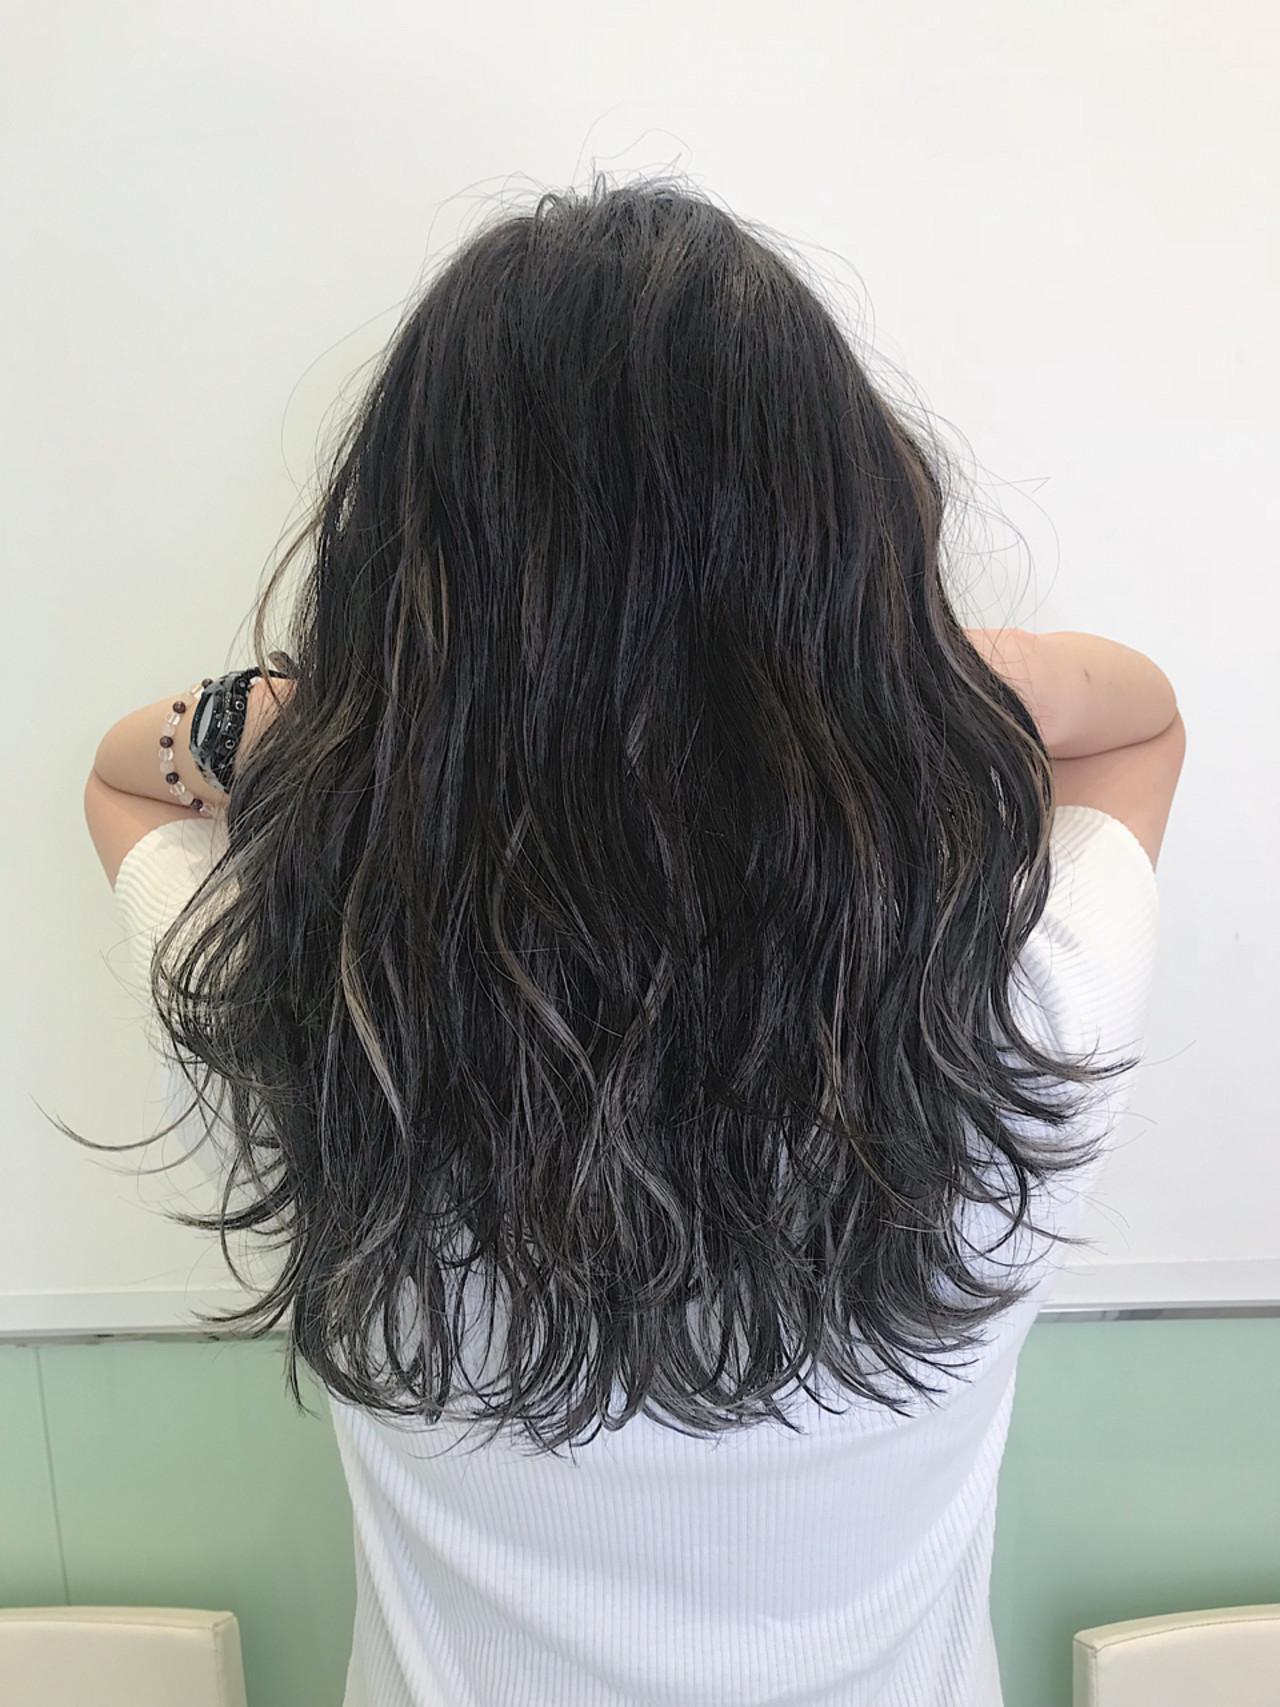 ダブルカラー ハイトーン 外国人風 ネイビー ヘアスタイルや髪型の写真・画像